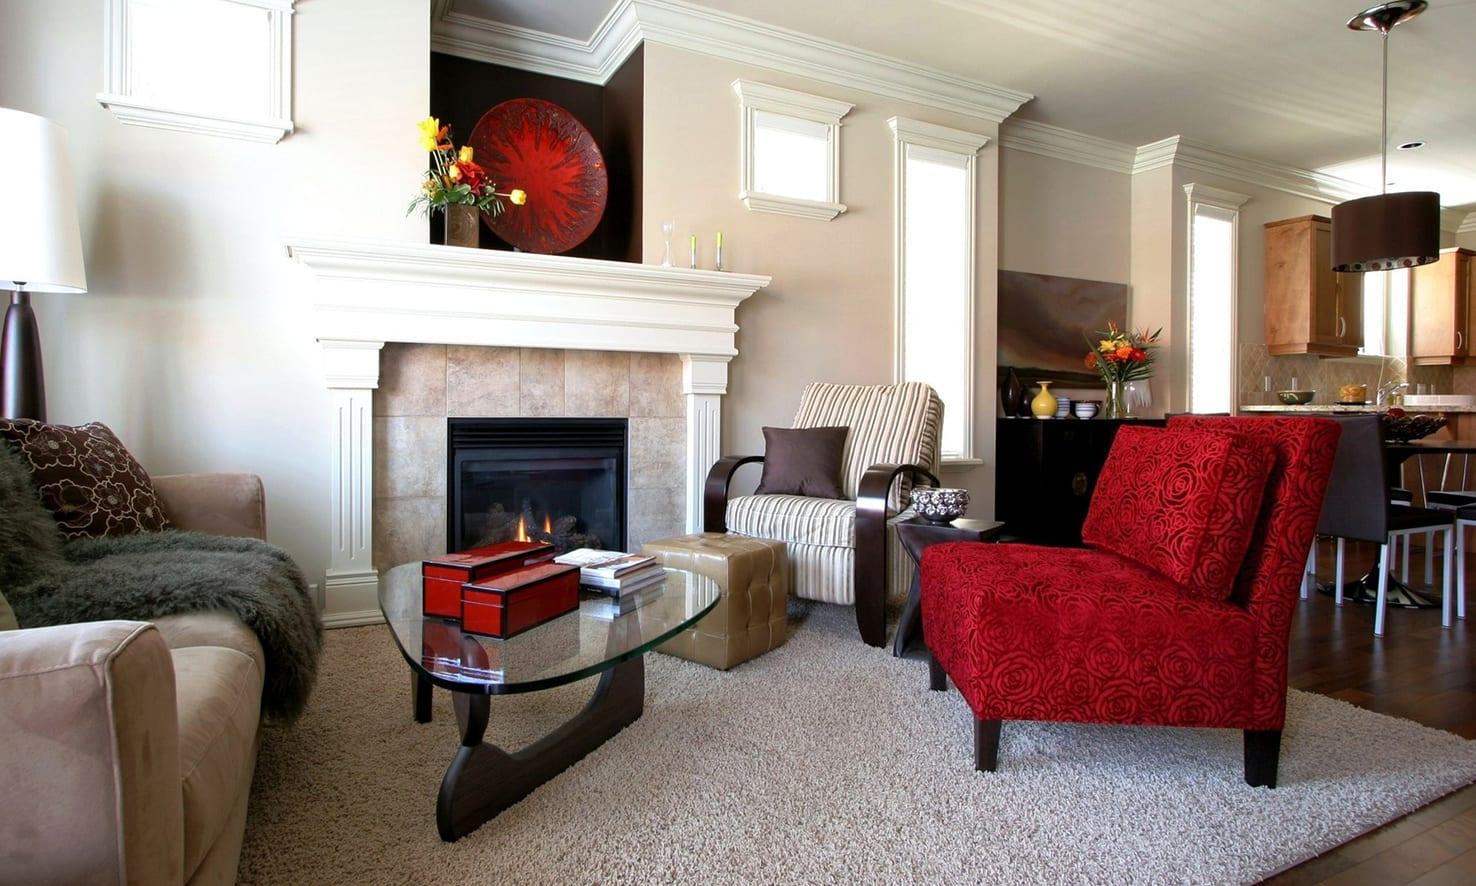 Стул кресло 57 фото белая круглые модель с подлокотниками для гостиной в доме мягкая широкая конструкция в спальню без колес